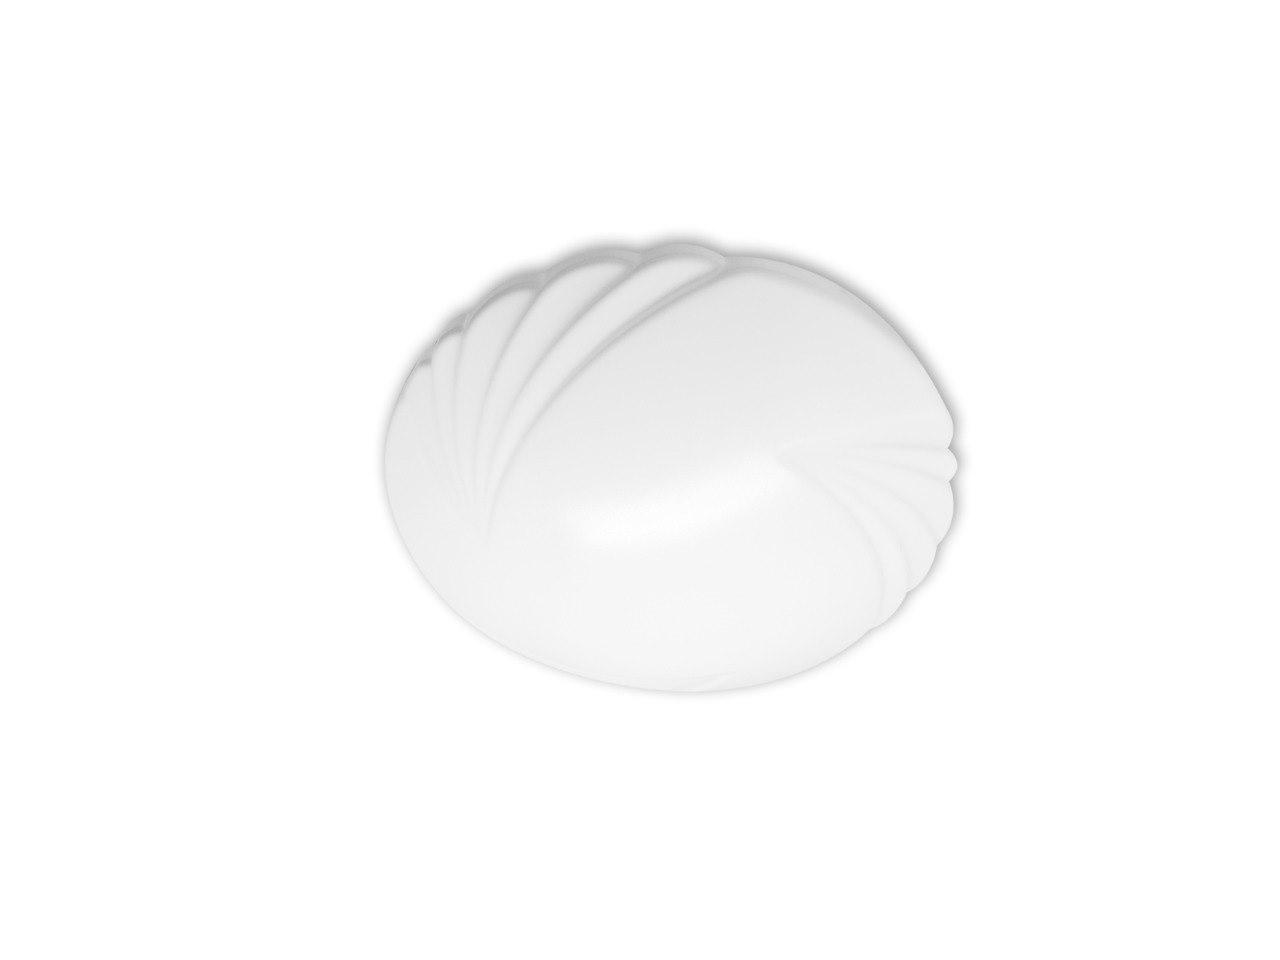 White,Ceiling,Ball,Sphere,Ball